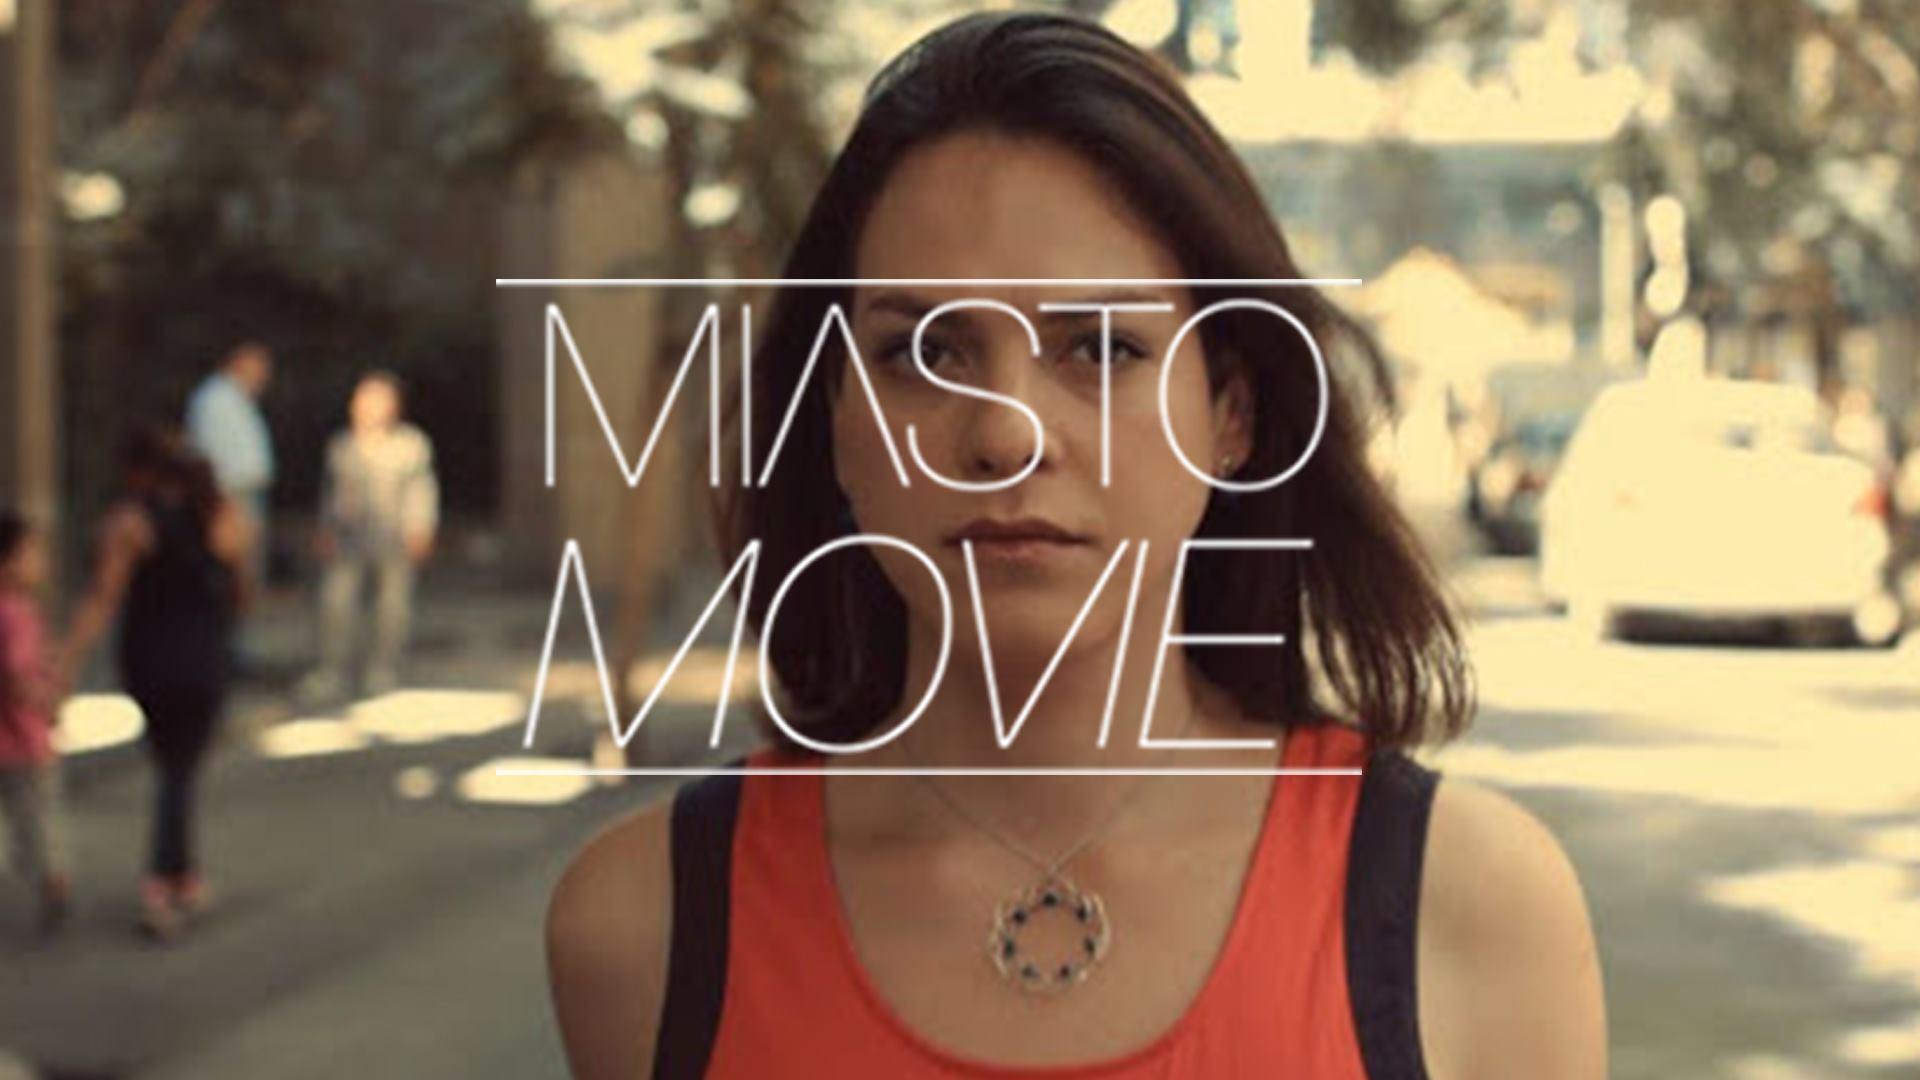 kadr z filmu Fantastyczna kobieta z umieszczonym pośrodku napisem - logo projektu Miasto movie